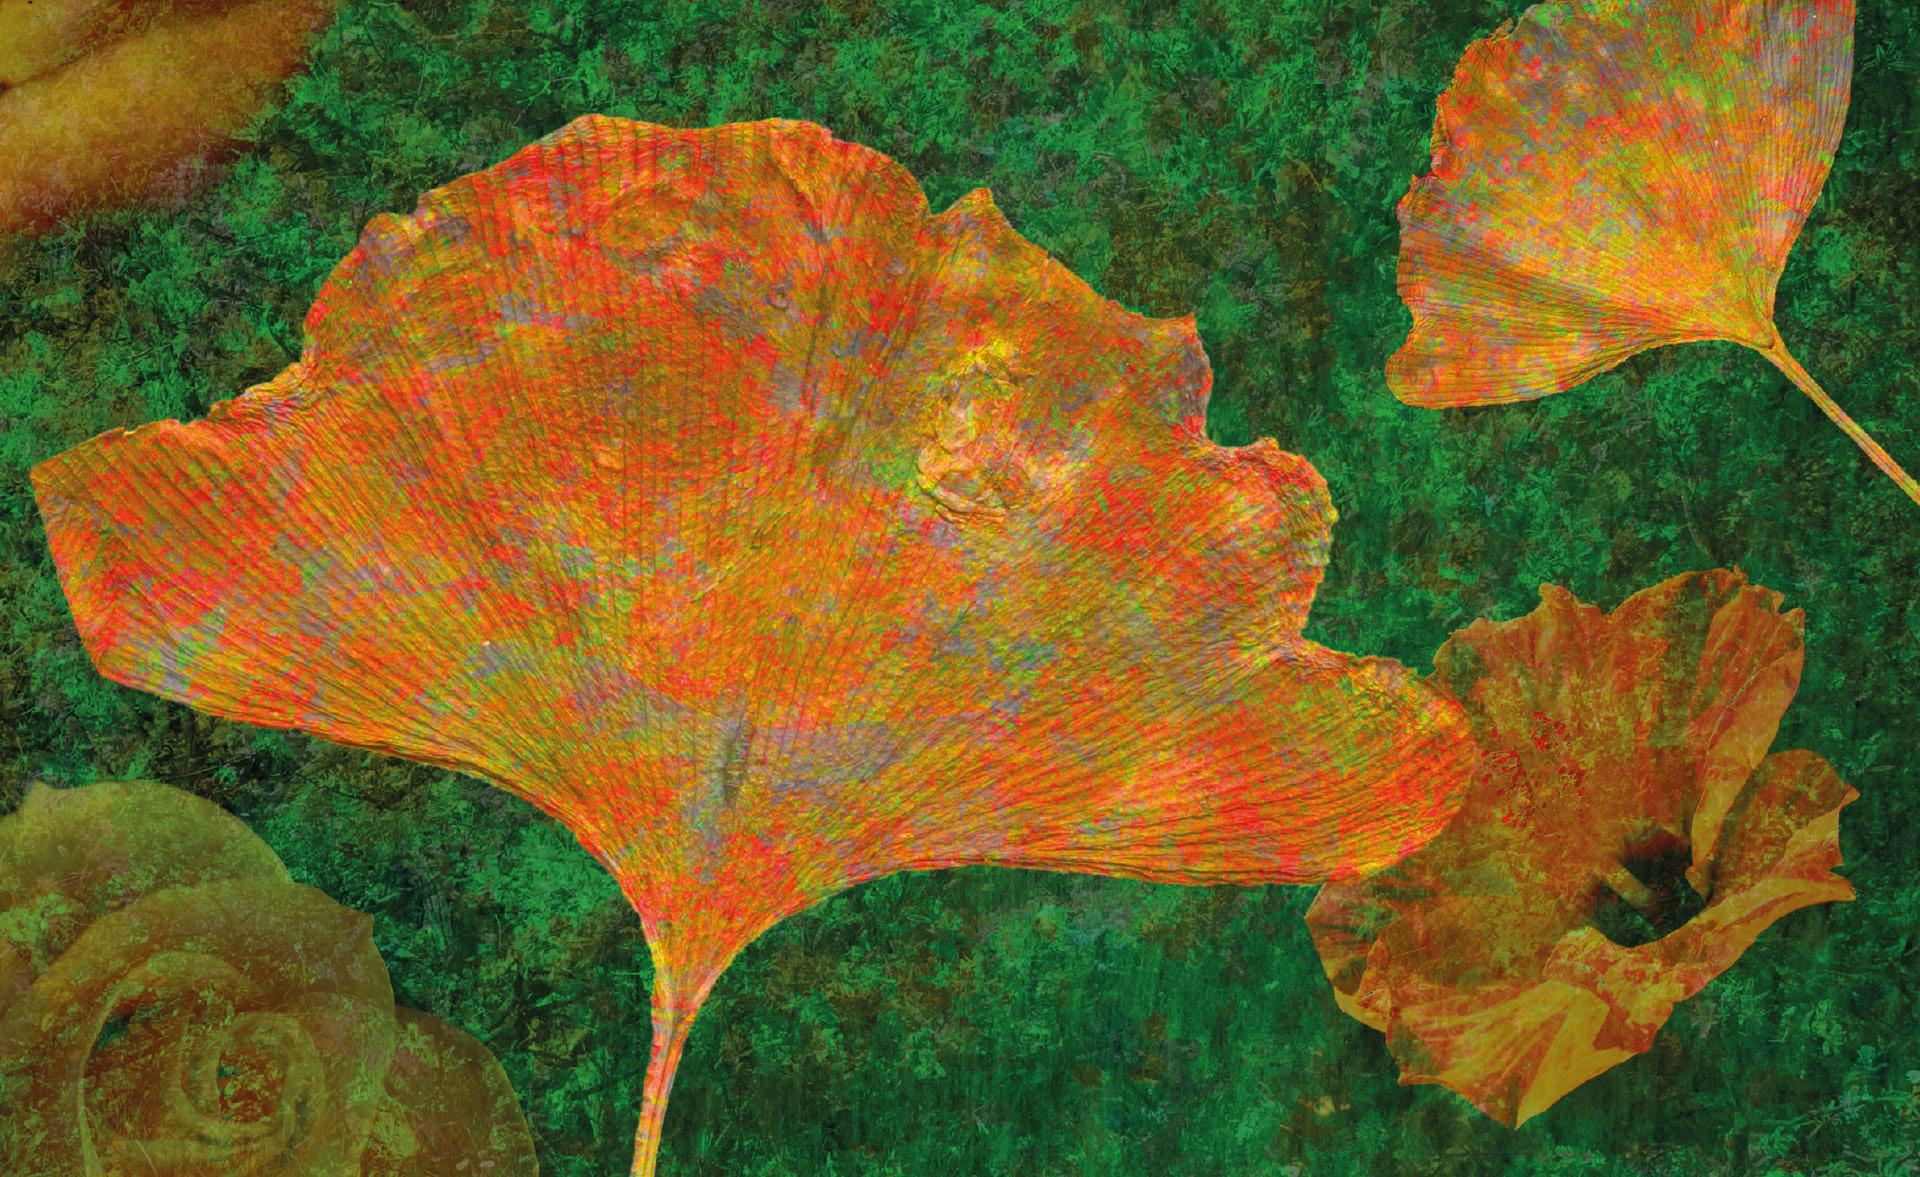 Idees Herbststaub  |  ID's autumn dust  |  Polvo de identificación de otoño